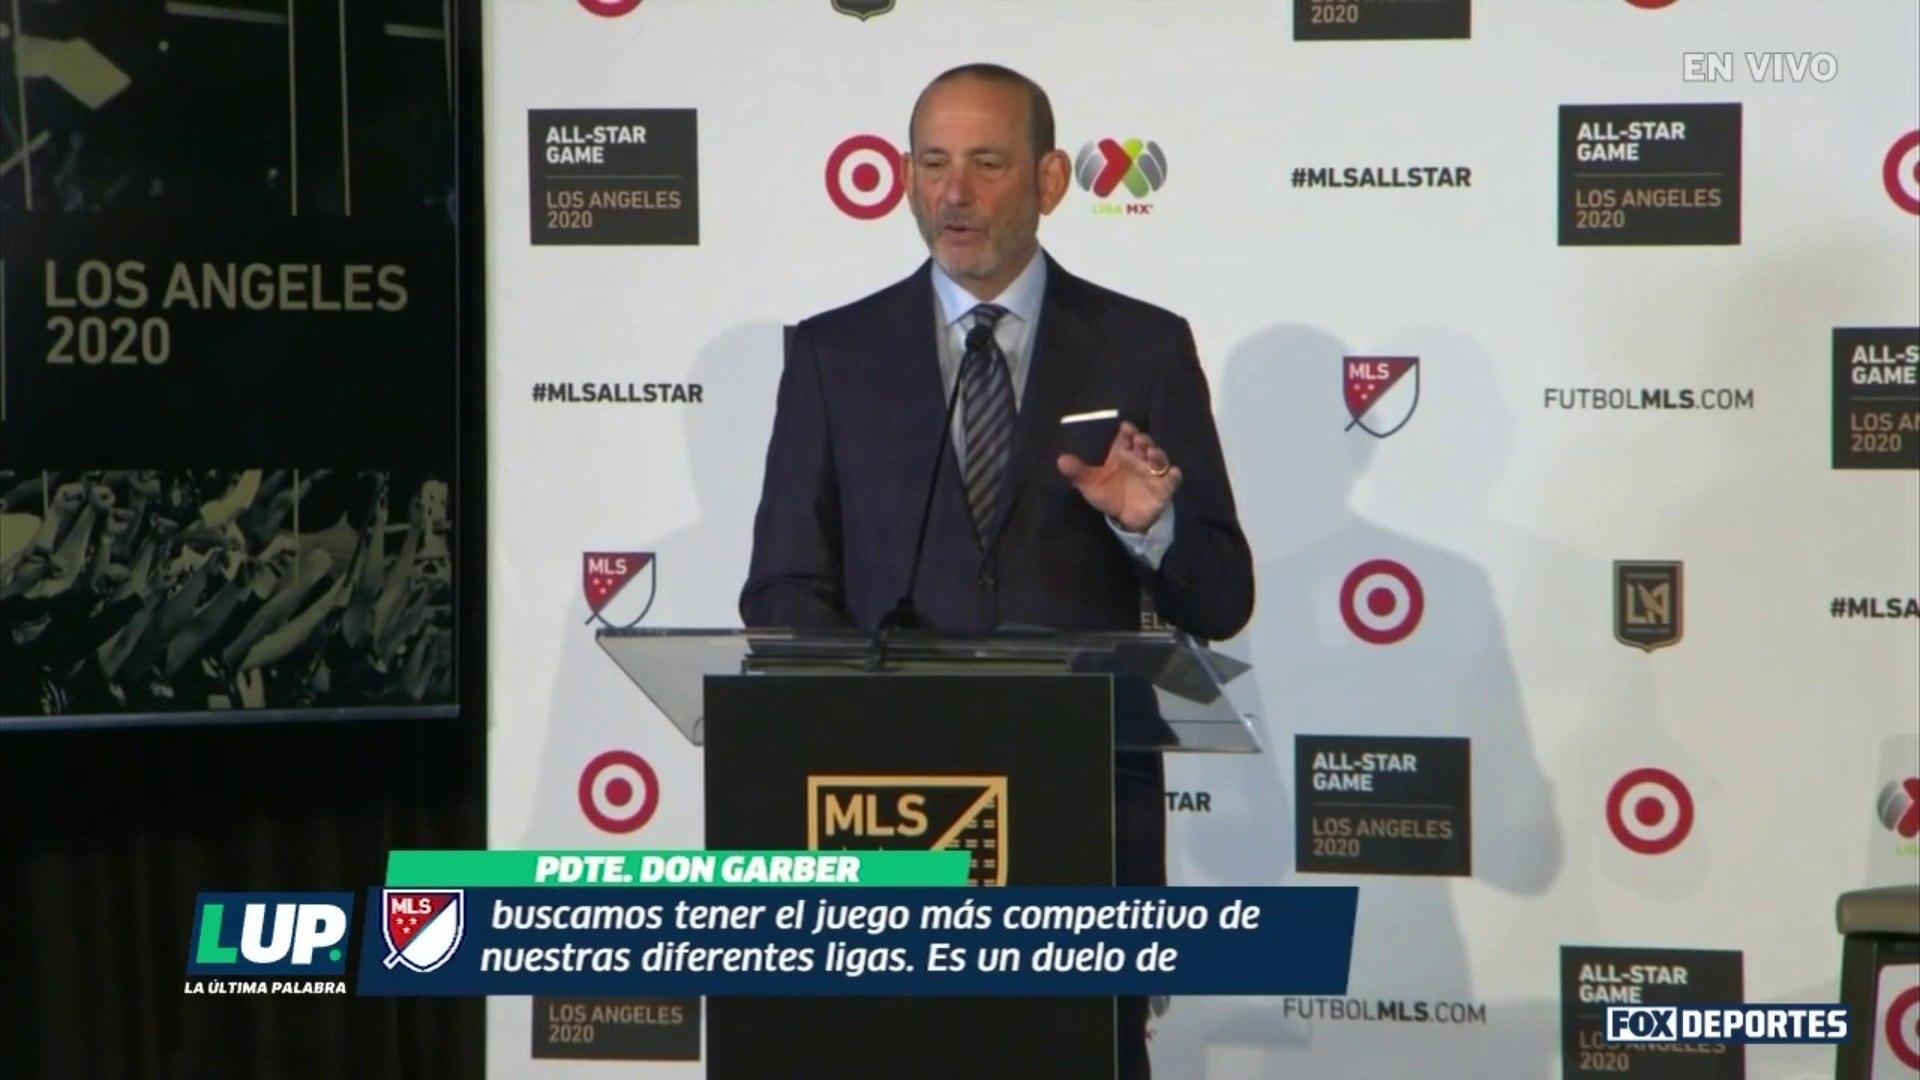 LUP: Hablaron los presidentes de la MLS y Liga MX